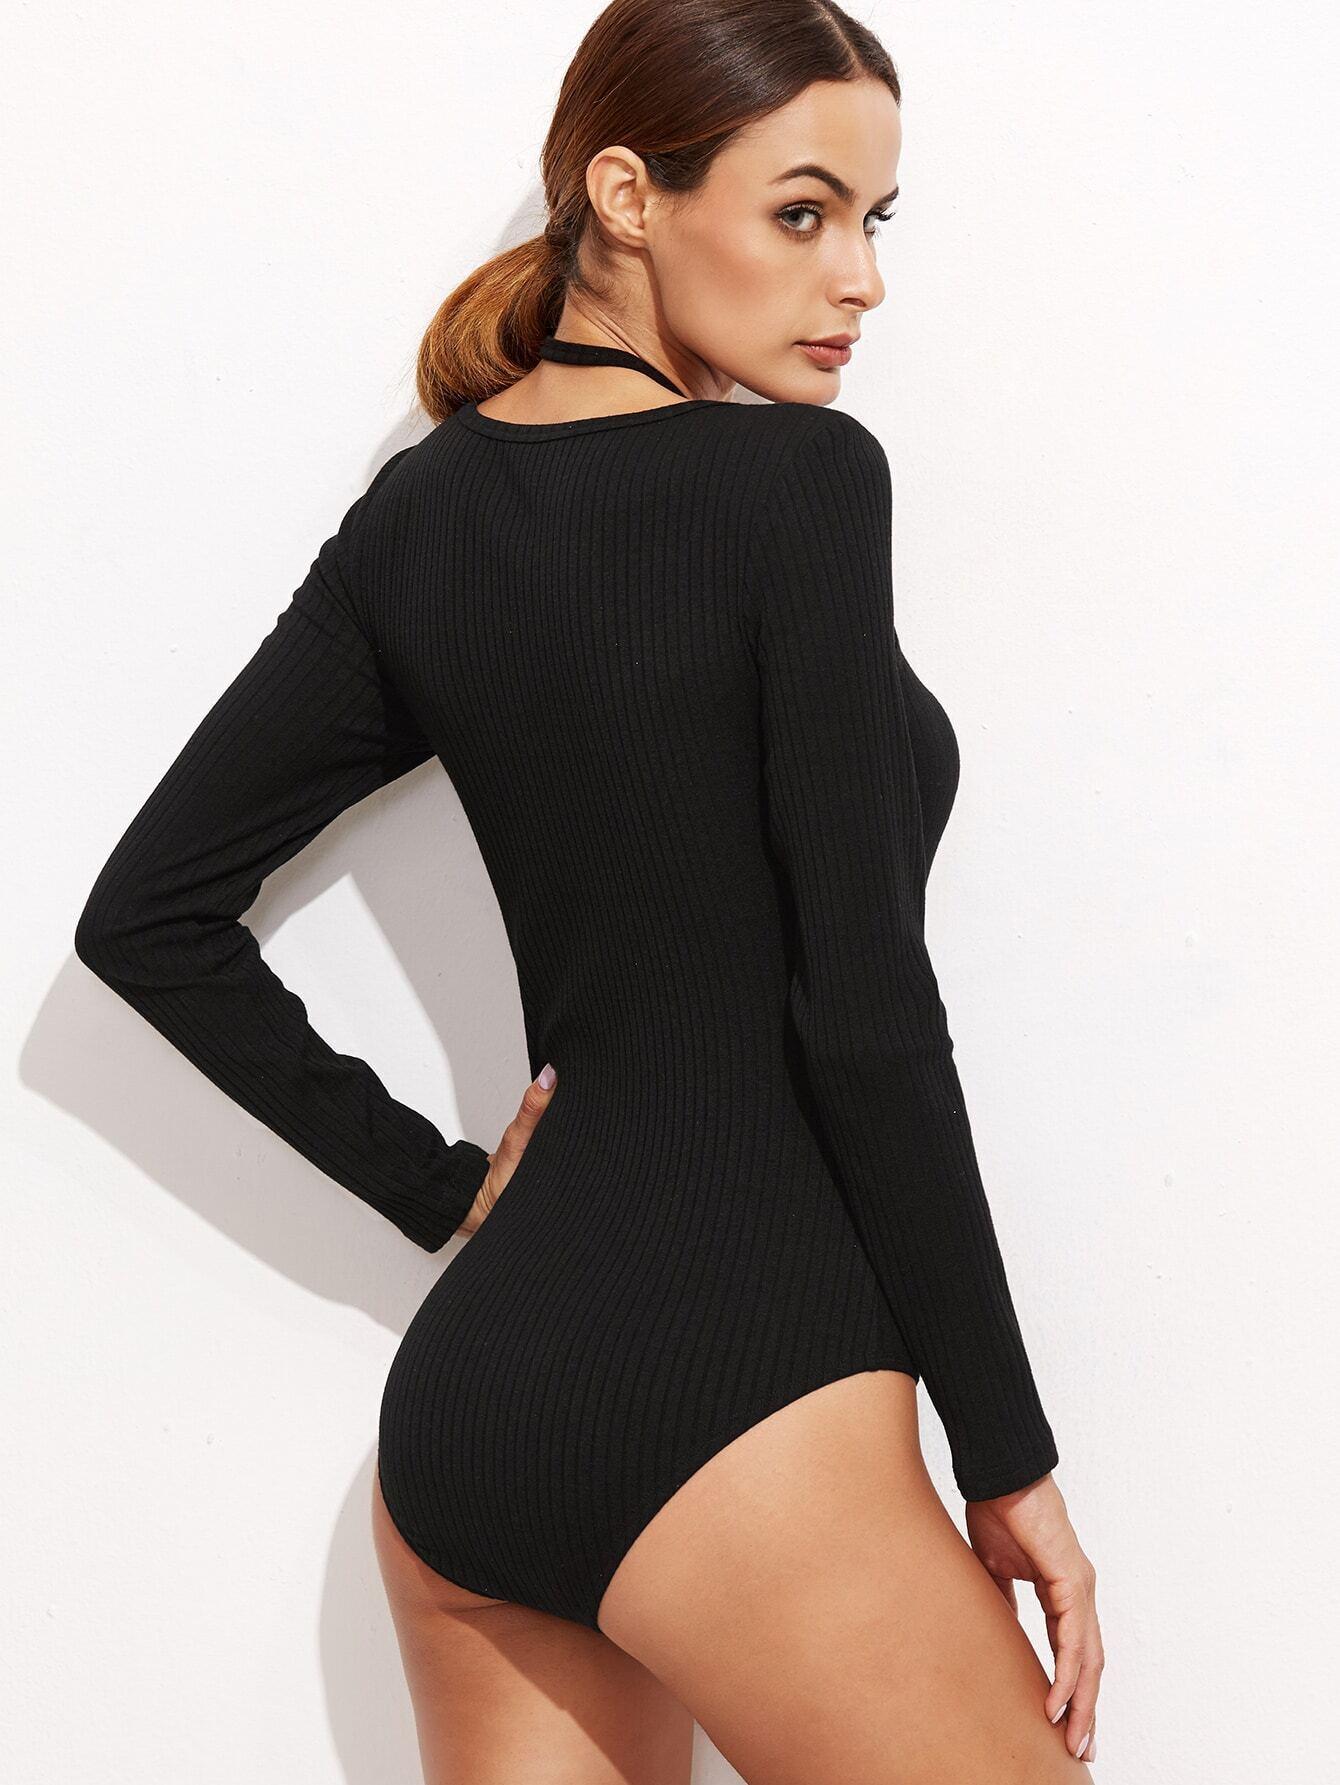 bodysuit161020702_2